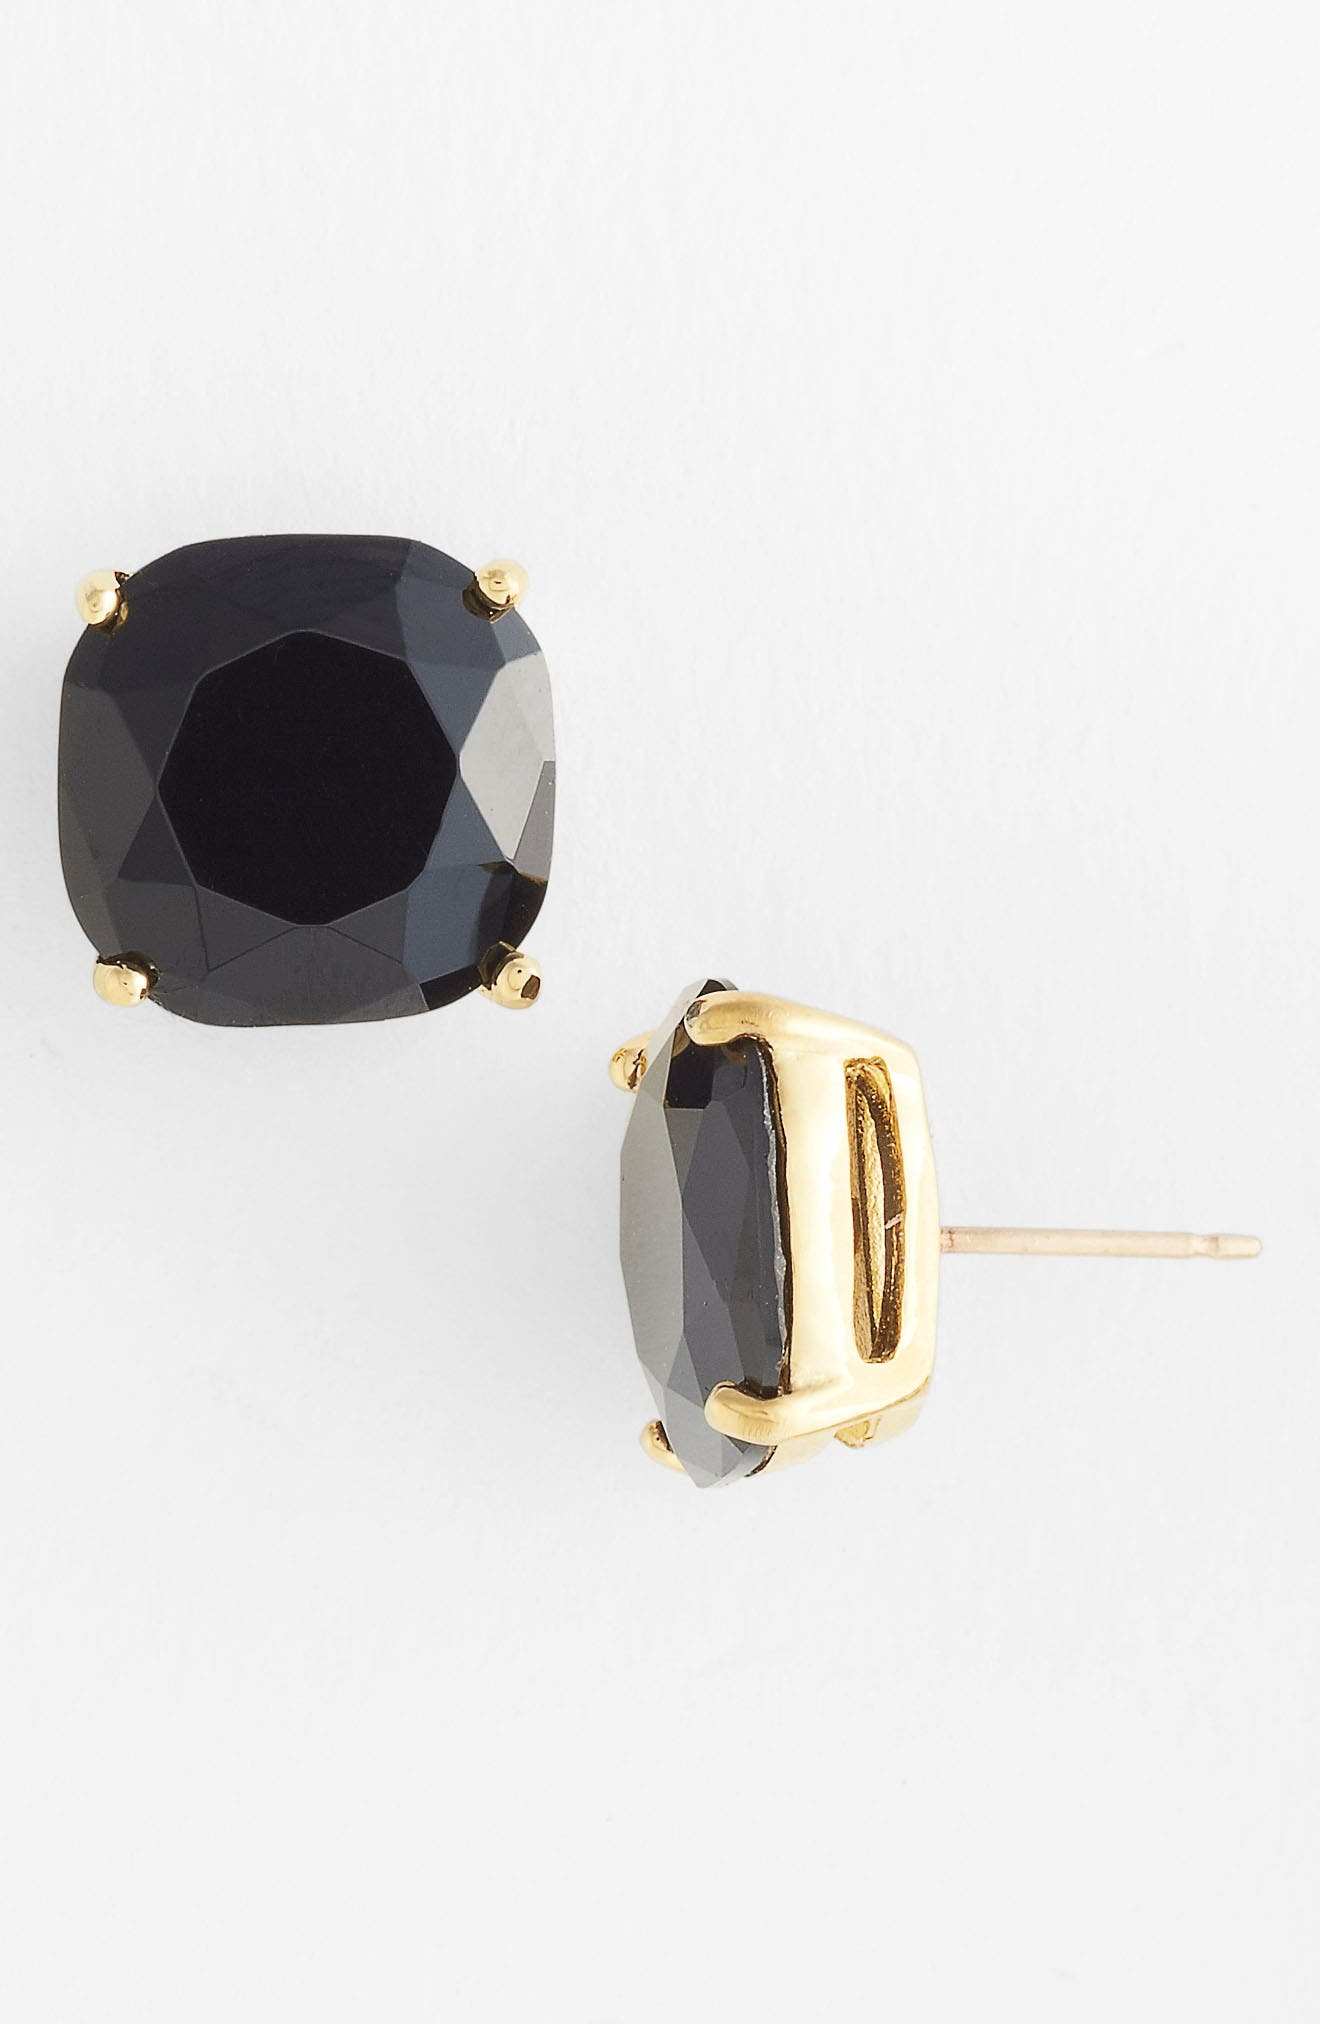 KATE SPADE NEW YORK, mini small square semiprecious stone stud earrings, Main thumbnail 1, color, JET/ GOLD